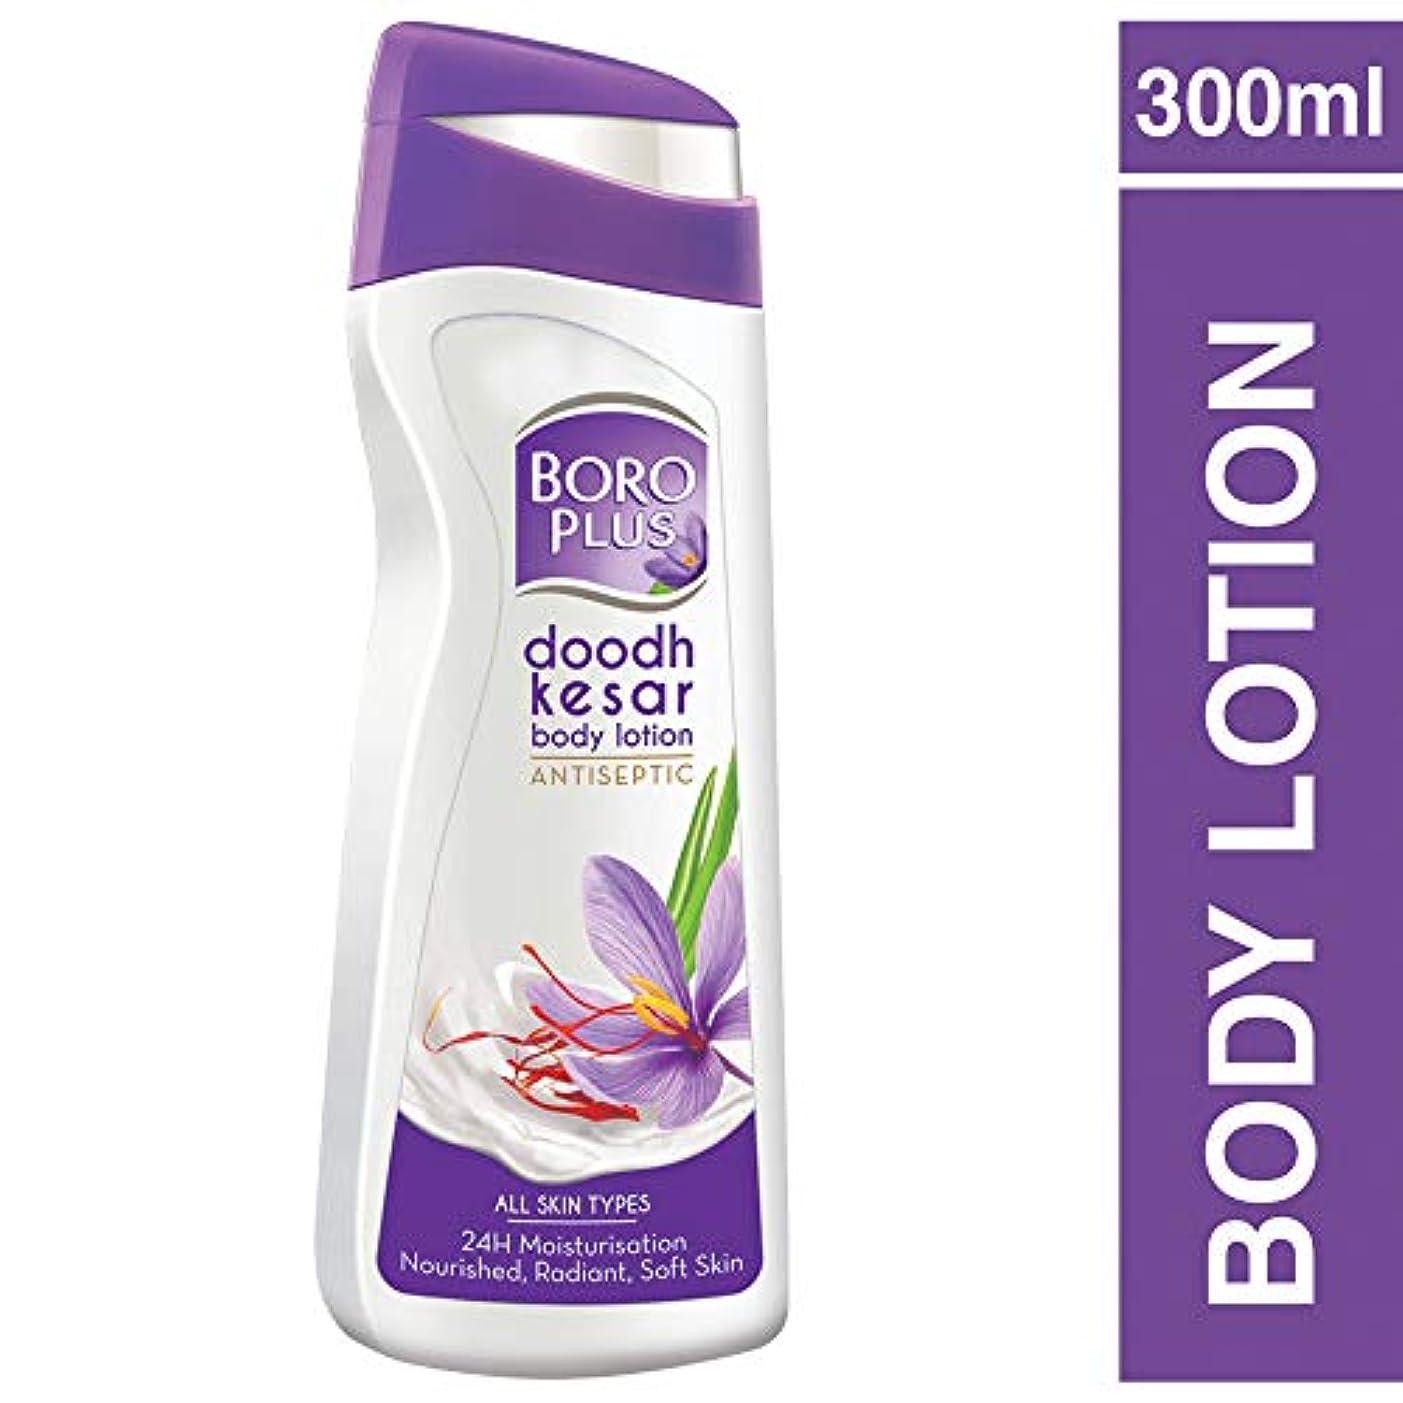 気楽な対応する赤外線Boroplus Doodh Kesar Antiseptic Lotion, 300ml (Milk And Saffron)